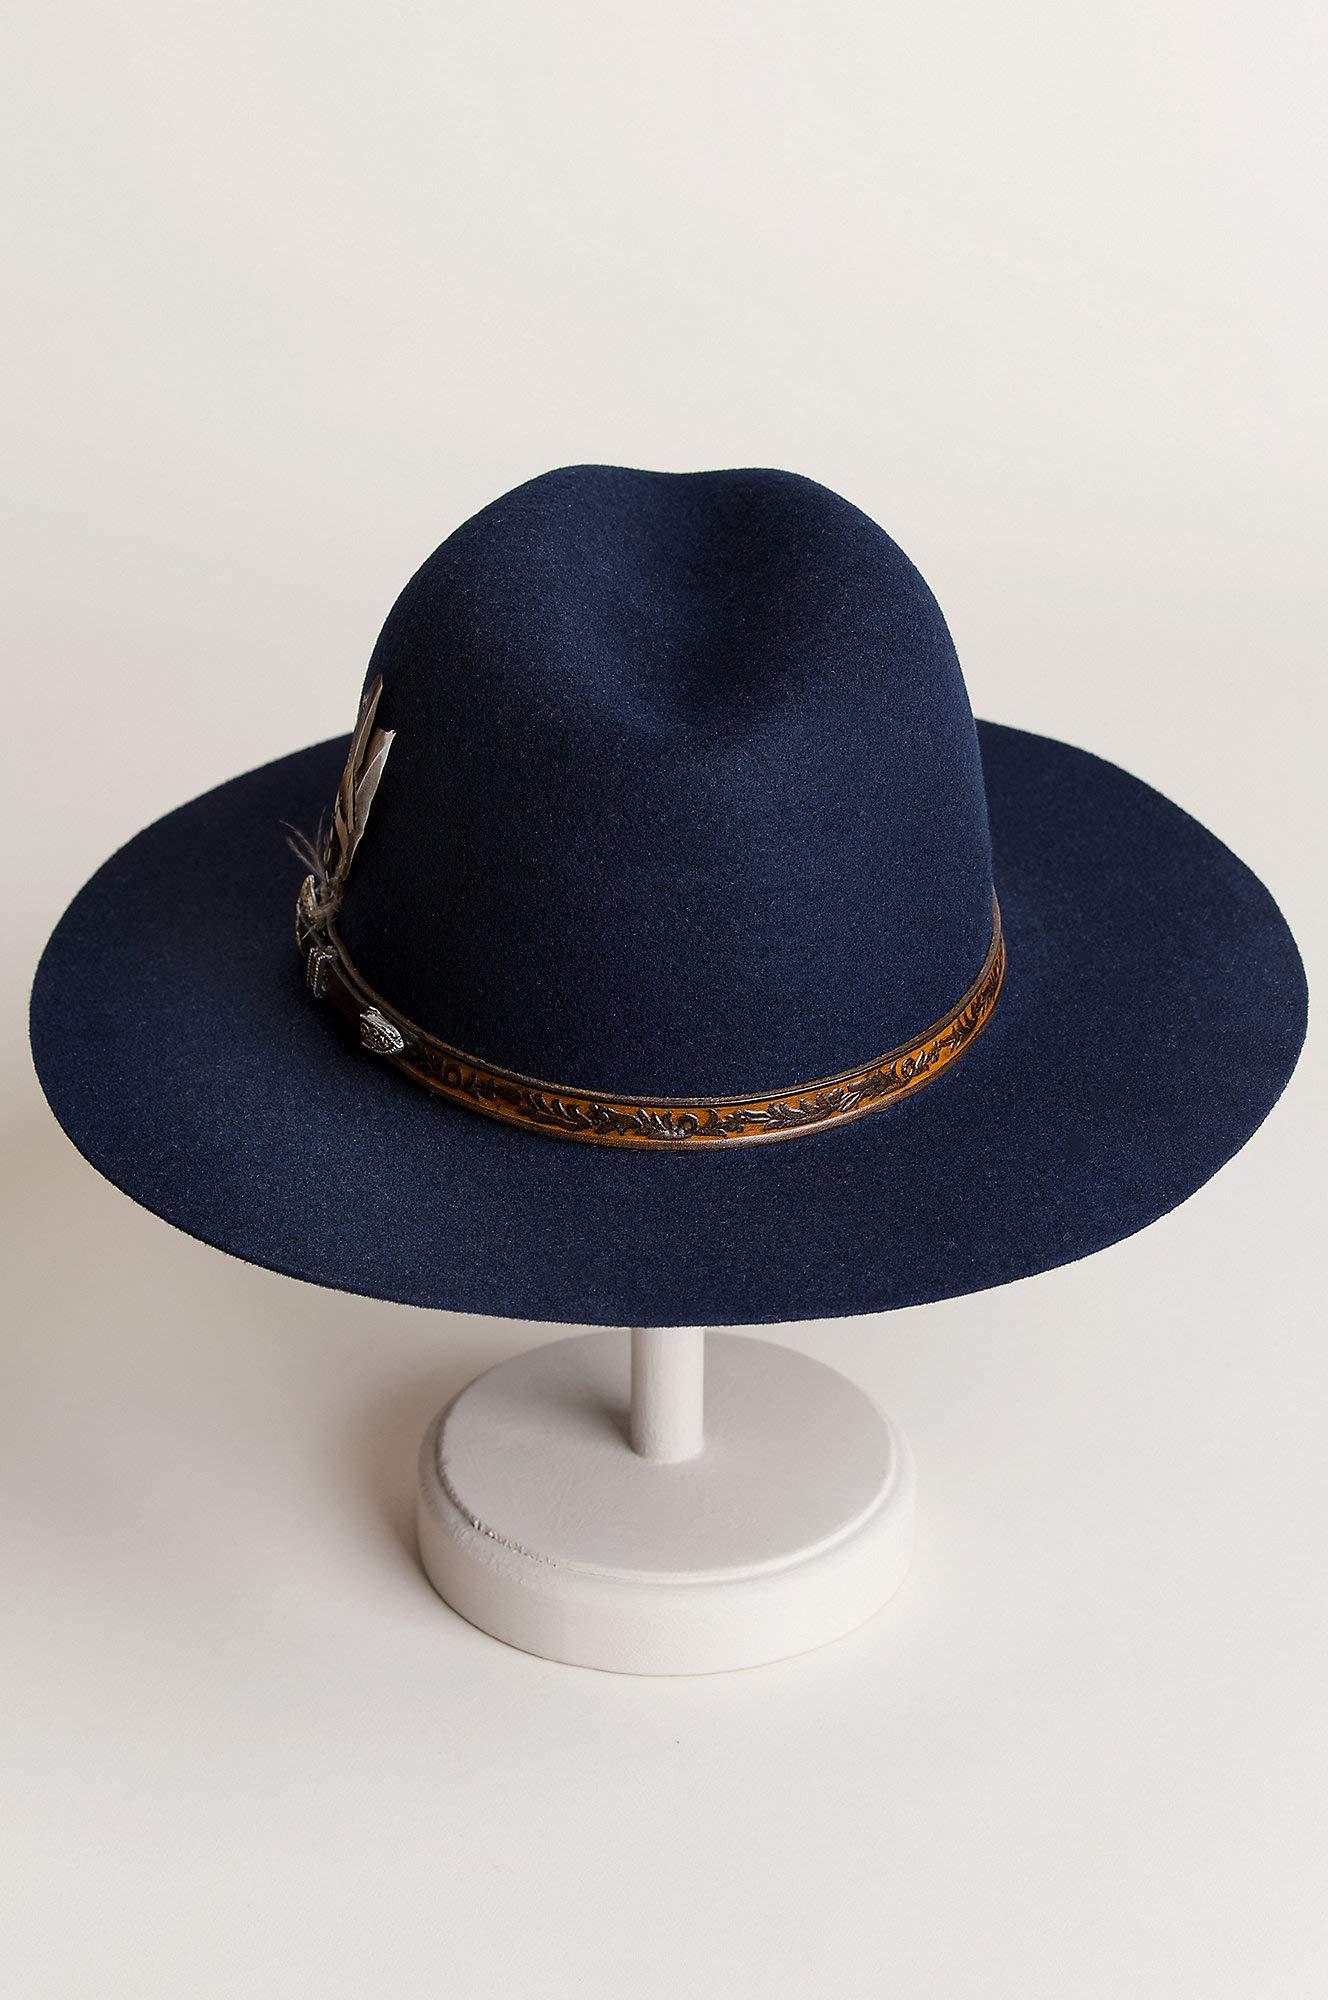 Overland Sheepskin Co Messenger Bolivian Wool Felt Outback Hat Navy by Overland Sheepskin Co (Image #5)